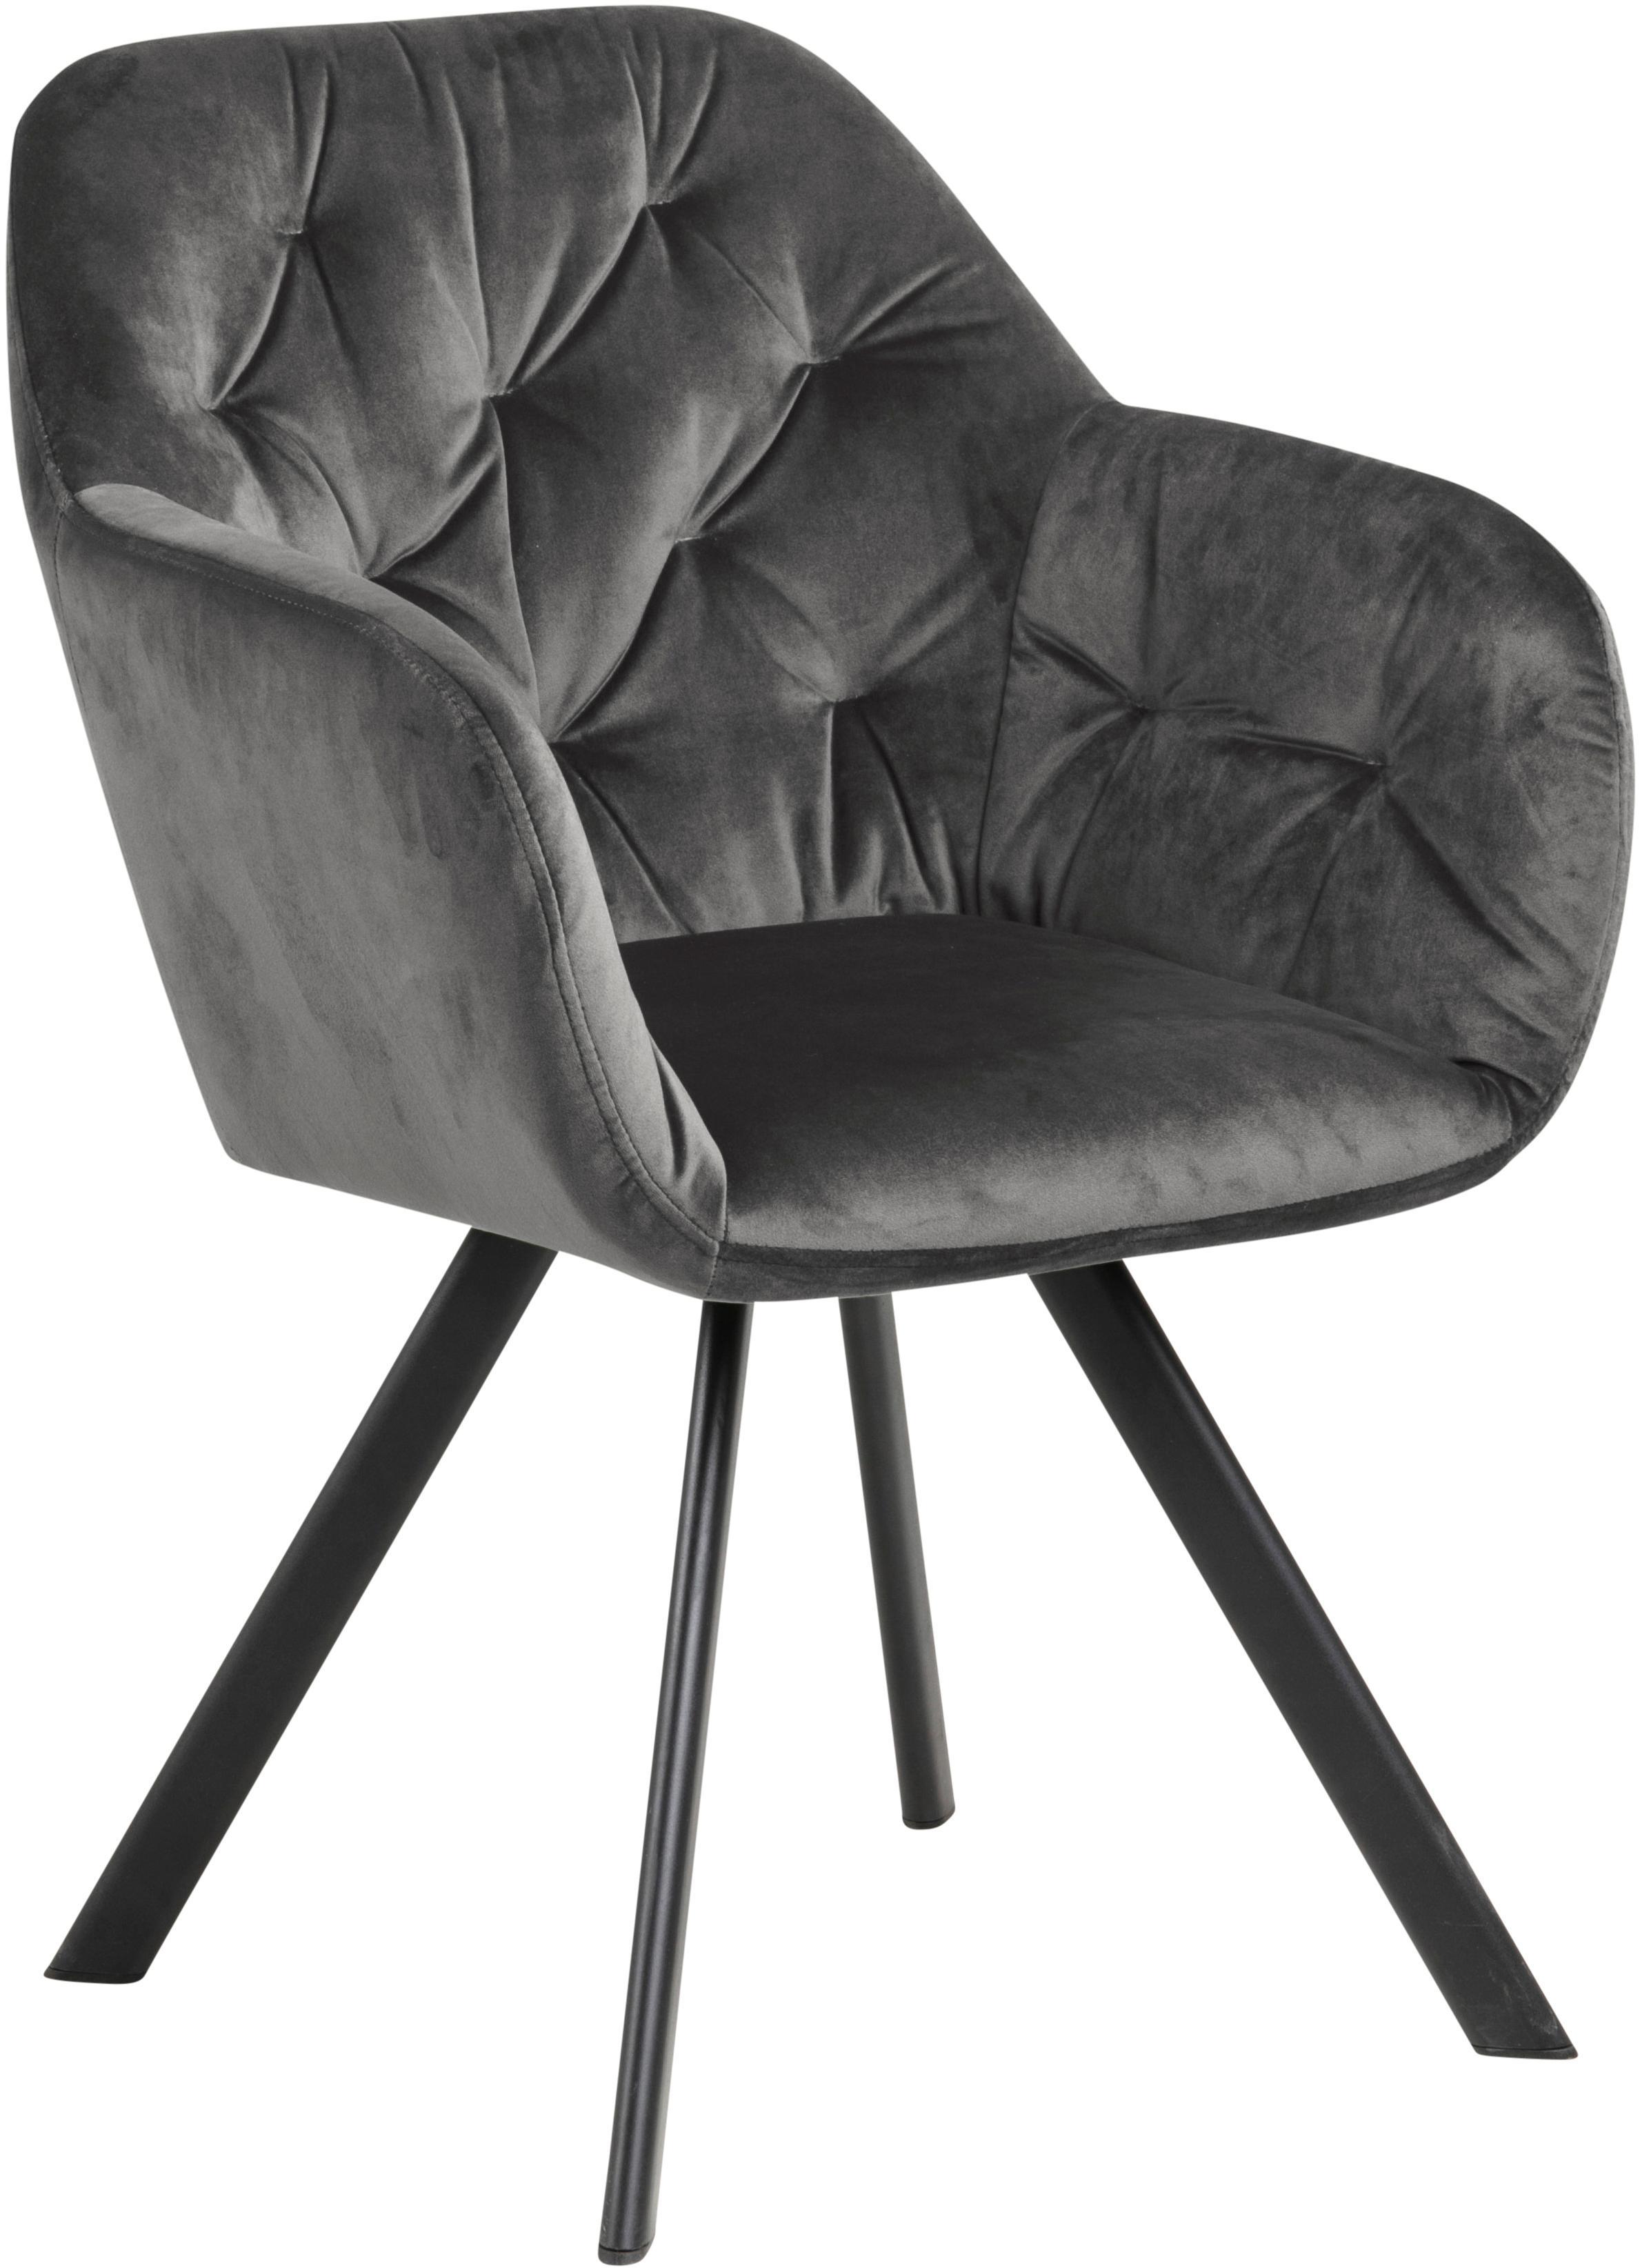 Krzesło z podłokietnikami z aksamitu Lola, Tapicerka: aksamit poliestrowy 2500, Nogi: metal malowany proszkowo, Aksamitny ciemny szary, S 58 x G 62 cm